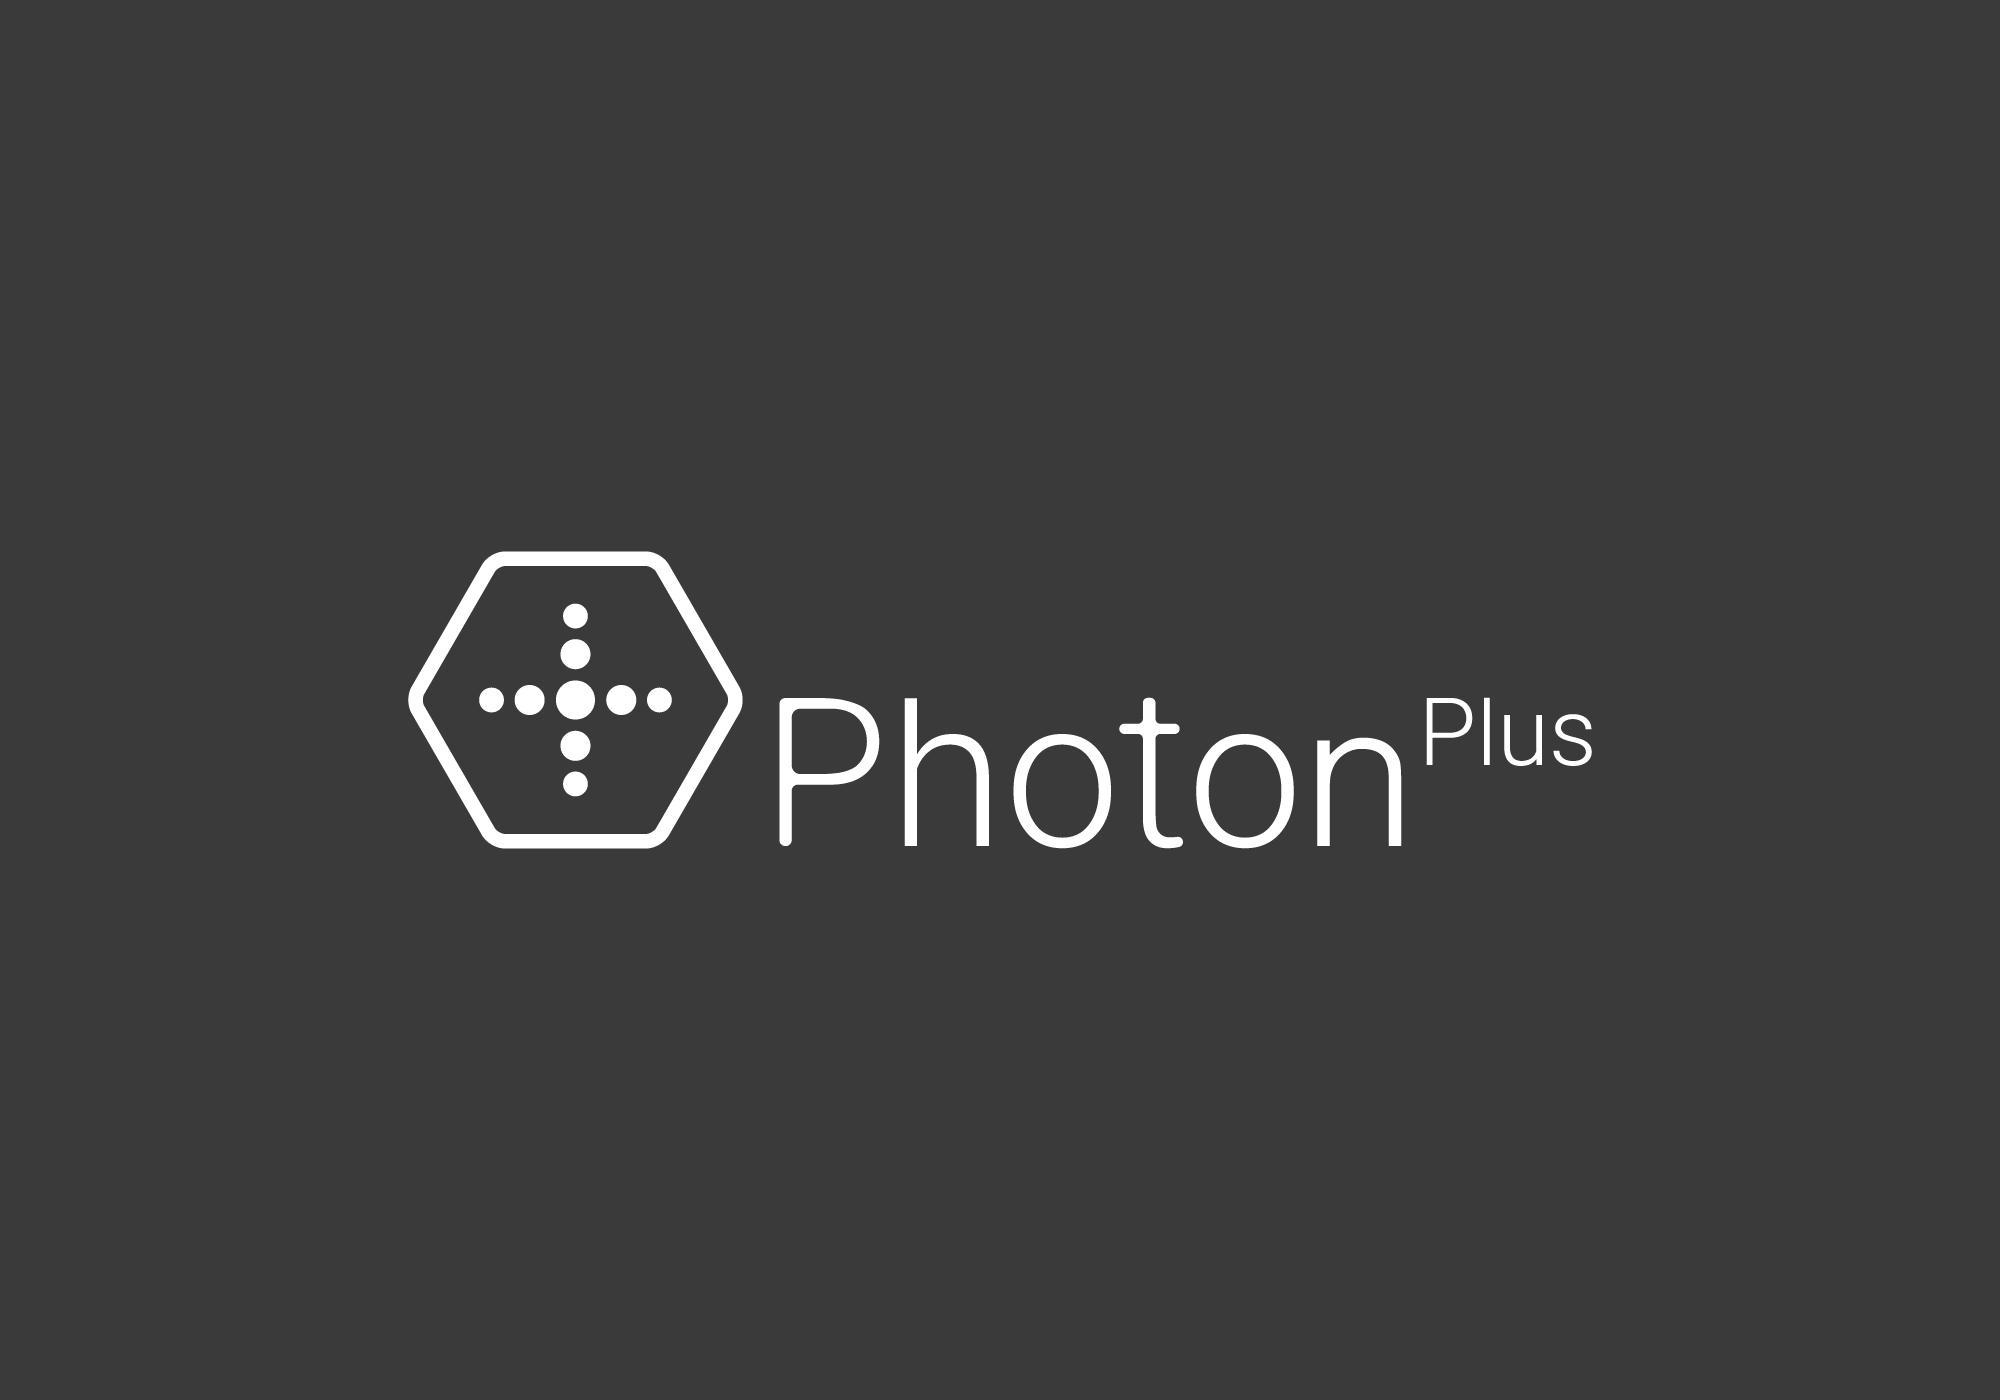 photonplus-11